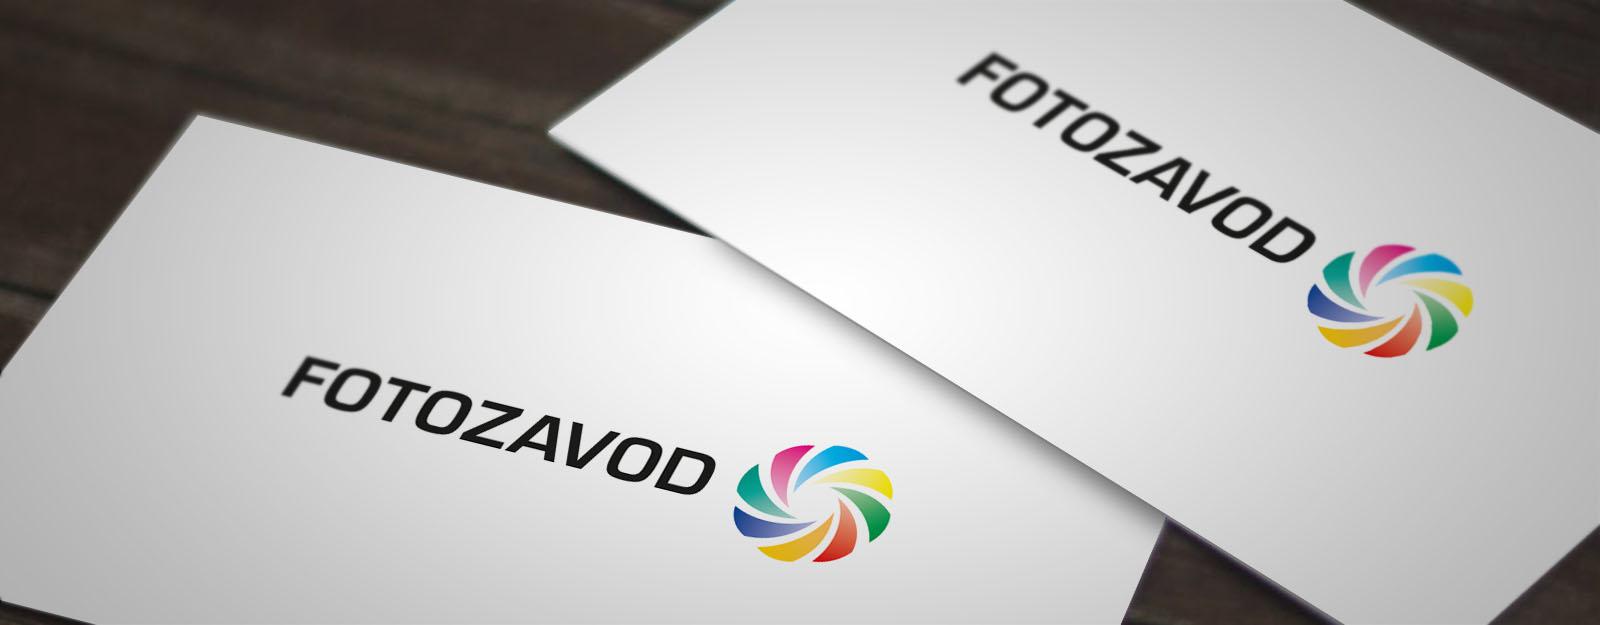 fotozavod